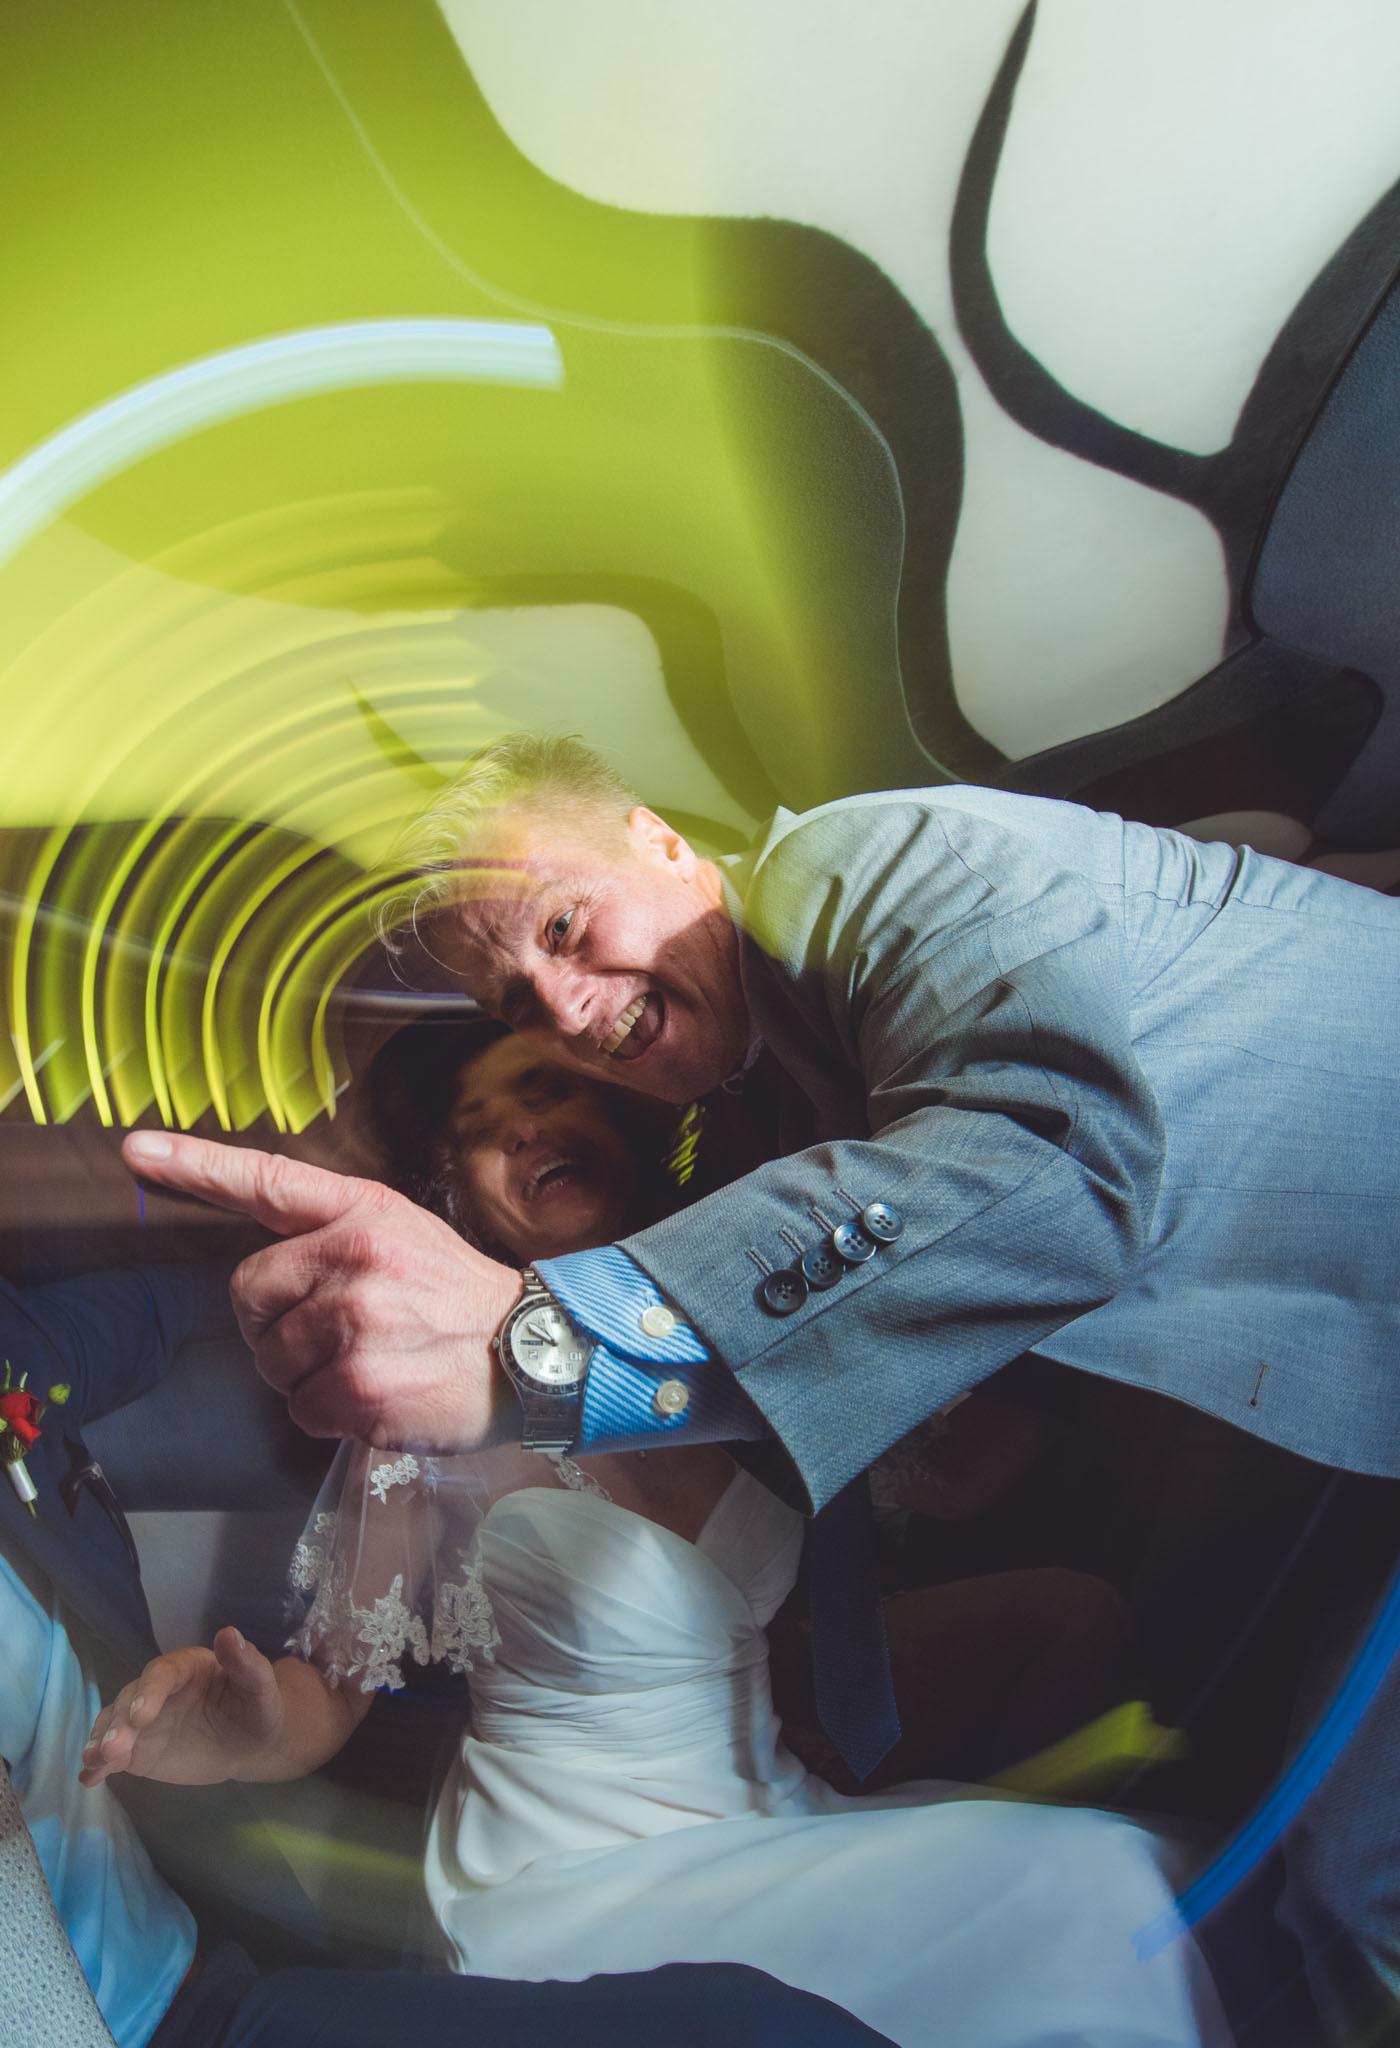 photo mariage couple originale,photographe evenementiel,photographe pro mariage,photographe de mariage geneve,photographe de mariage tarif,photographe de mariage montelimar,photographe de mariage prix,photographe de mariage juif,photographe de mariage Geneva,photographe entreprise,photographe de mariage toulouse,photographe de mariage haute savoie,photographe de mariage pas cher,photographe de mariage pas cher,photographe de mariage geneve,photographe de mariage suisse,photographe portrait toulouse,photographe de mariage drome,photographe de mariage suisse,photographe portrait toulouse,photographe de mariage drome,photographe entreprise,photographe de mariage narbonne,photographe professionnel mariage,photographe de mariage ,photographe de mariage pas cher,photographe de mariage haute savoie,photographe de mariage ,photographe de mariage loire,photographe portrait toulouse,photographe de mariage ain,photographe de mariage oriental,photographe pro mariage,photographe de mariage pas cher,photographe de mariage pas cher,photographe de mariage geneve,photographe de mariage annecy,photographe de mariage loire,photographe de mariage forfait,photobooth mariage,photographe évenementiel,photographe portrait toulouse,photographe de mariage pas cher,photographe de mariage pas cher,photographe de mariage geneve,photobooth mariage,photographe évenementiel,photographe portrait toulouse,photographe de mariage,photographe de mariage juif,photographe de mariage pas cher